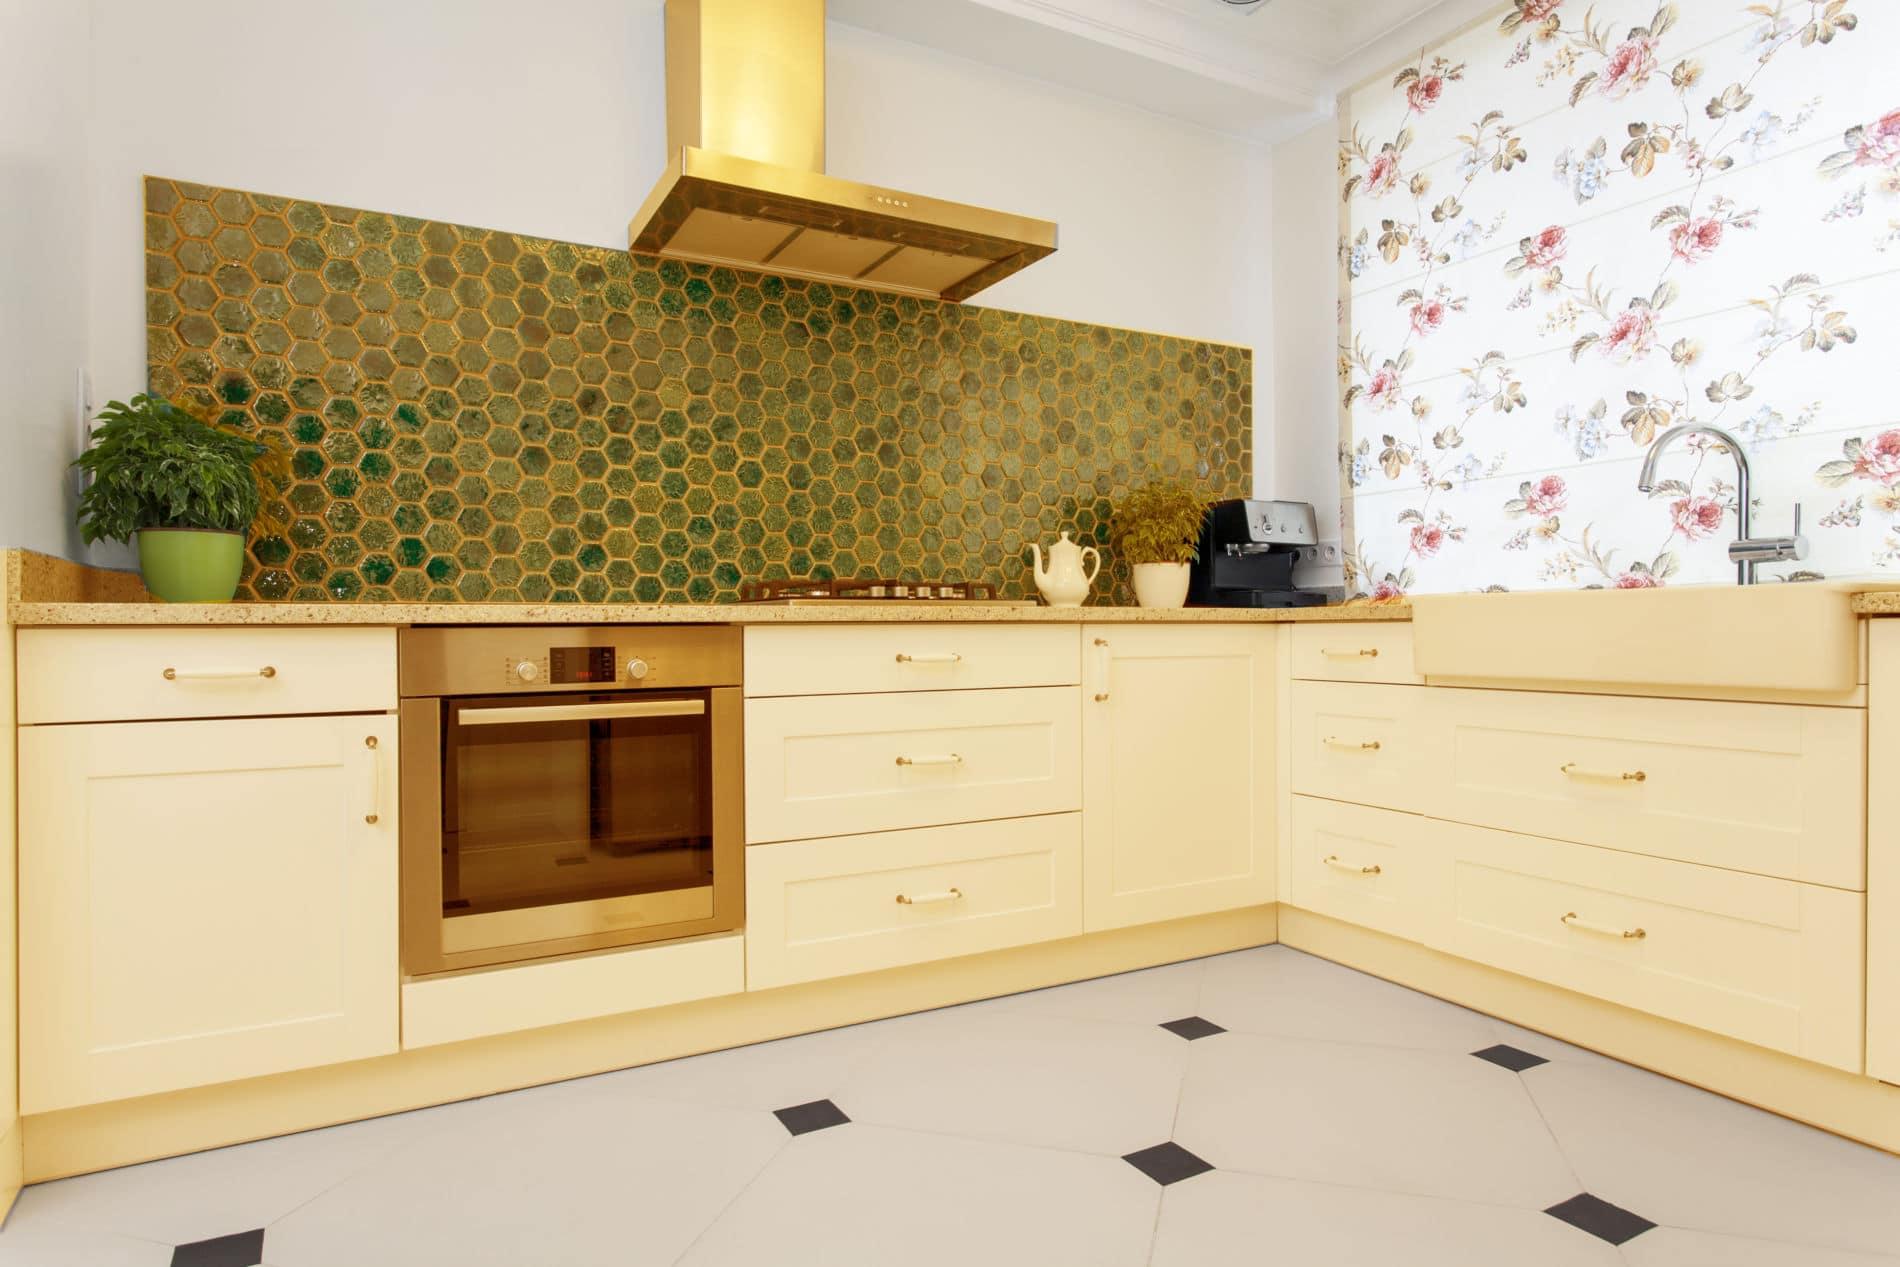 מטבחים מעץ מוכרי ציוד למטבחים מאובזרים עם ציוד מקצועי עם מלא ידע מקצועי ומומחים להקמת אי במטבח מכל חומר תוך כדי הפעלת המקרר והתנור ללקוח במטבח שלו